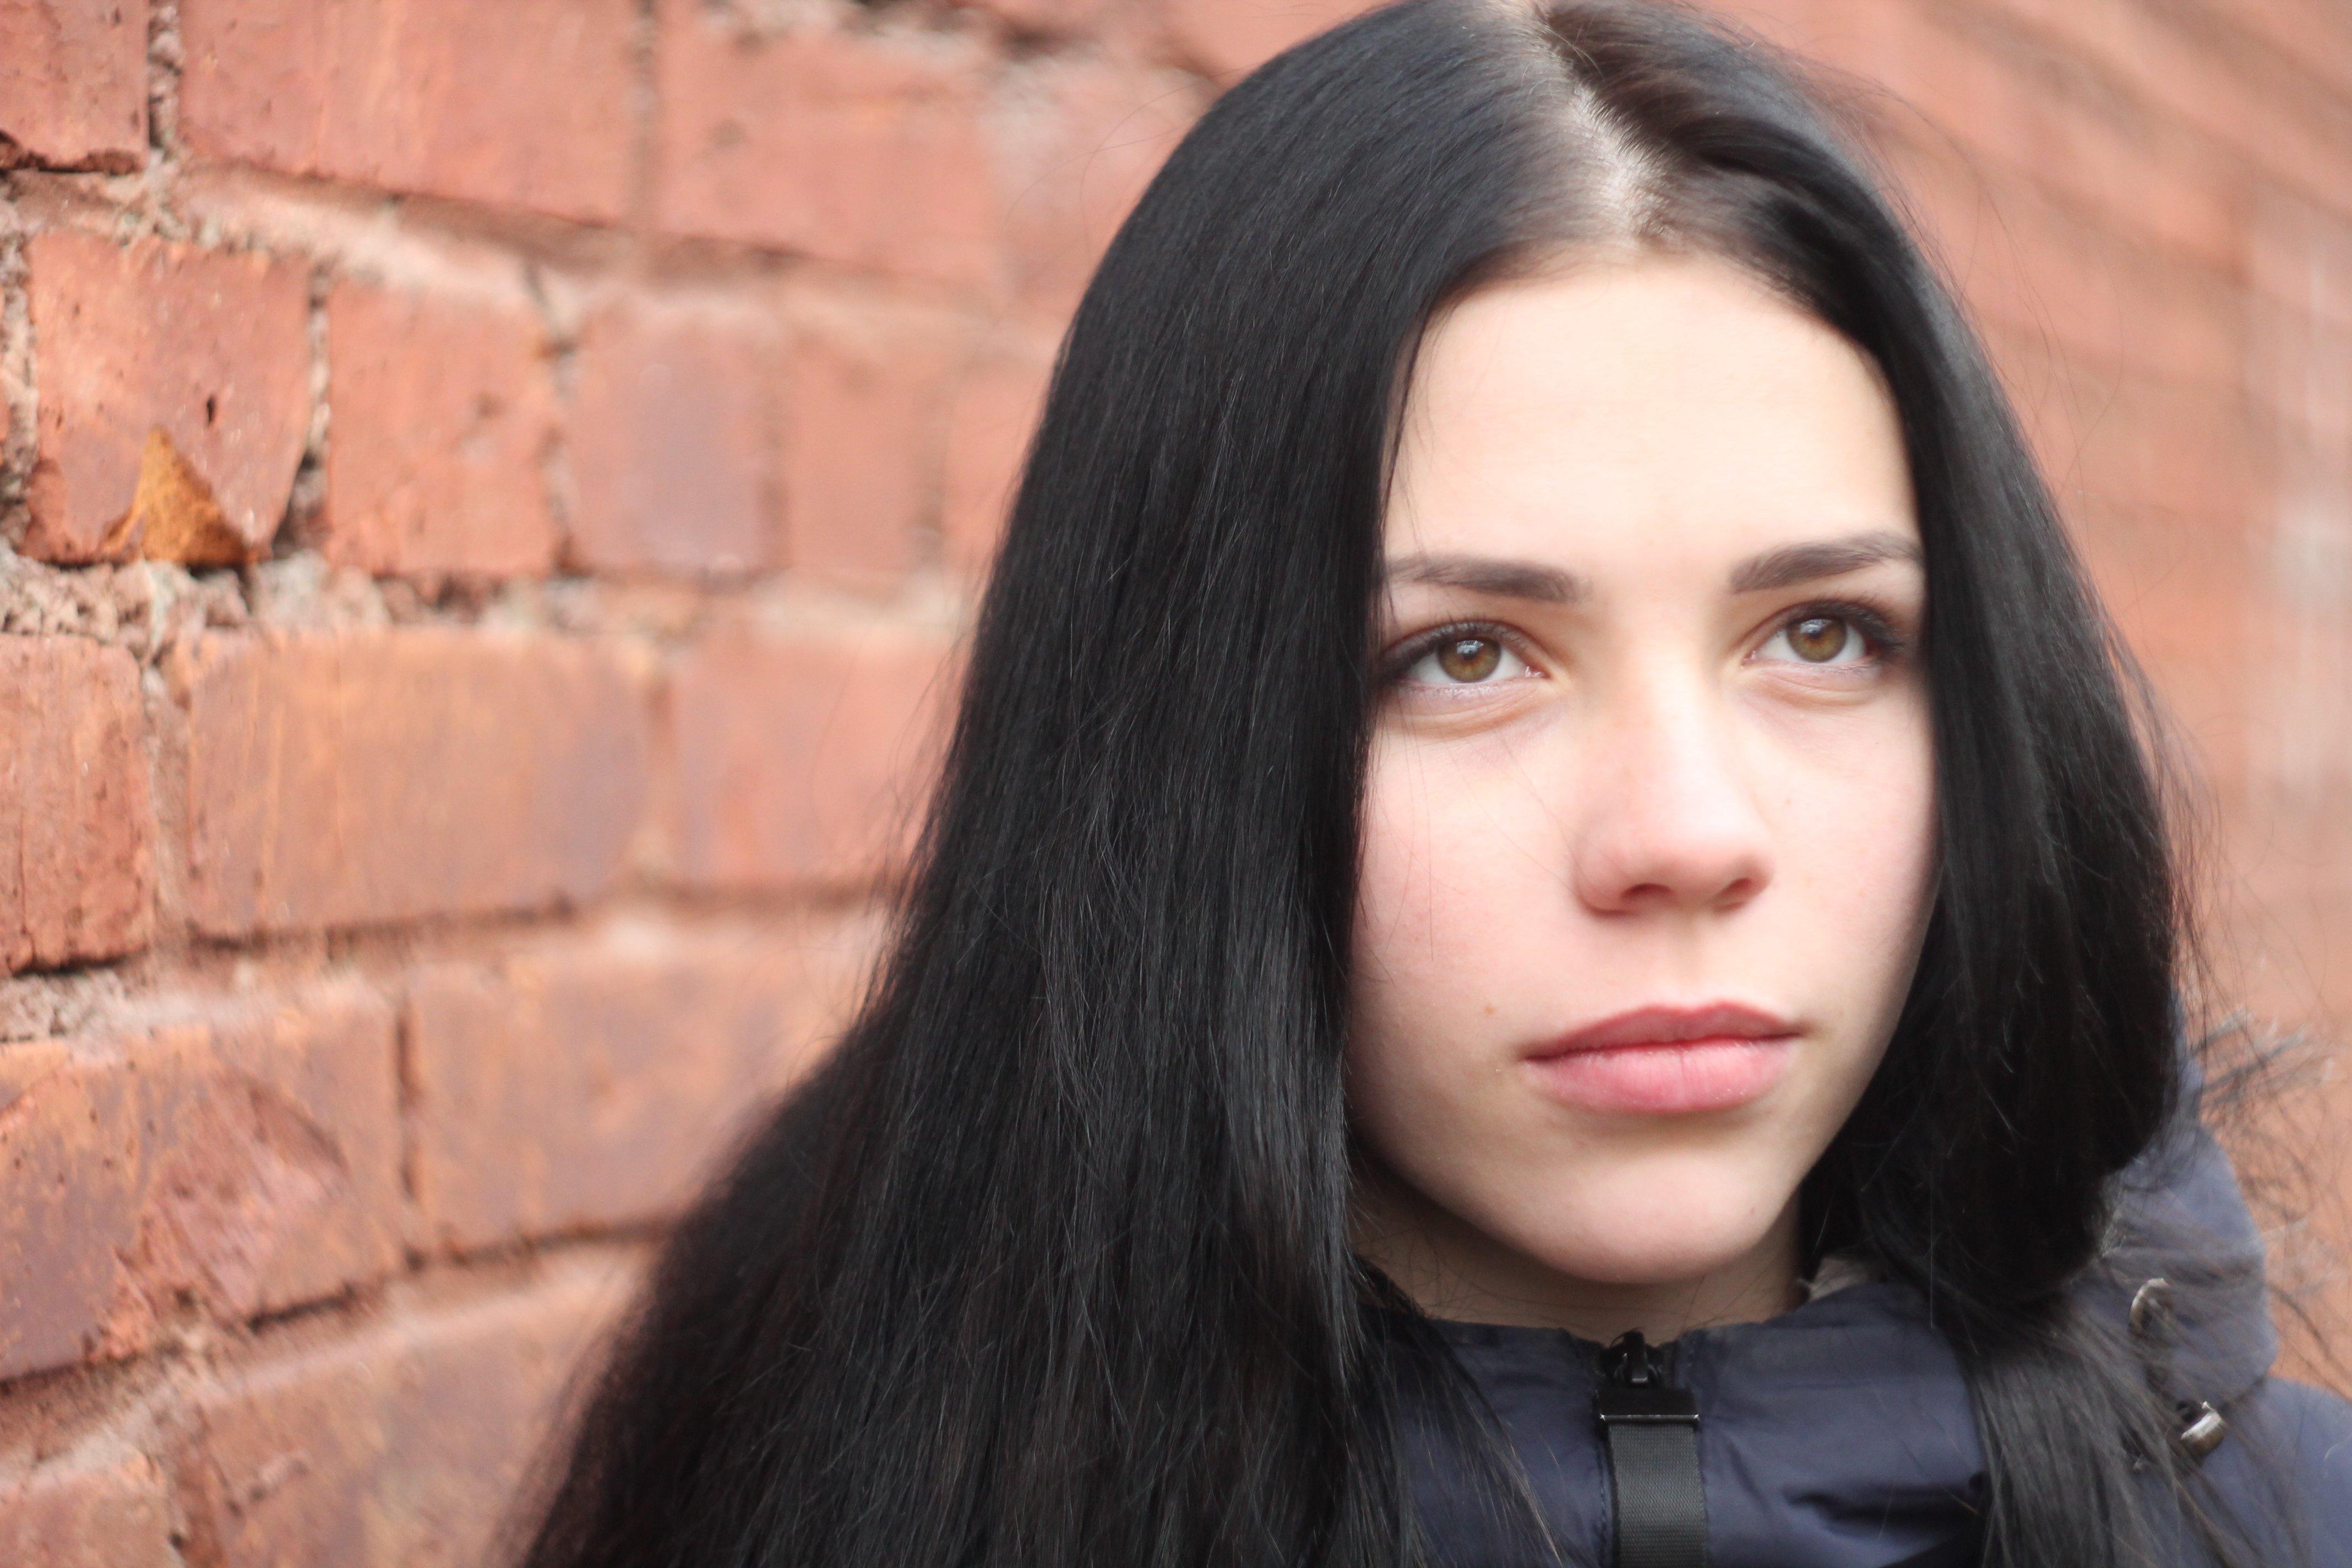 Анна, портрет, кирпич, стена, фото